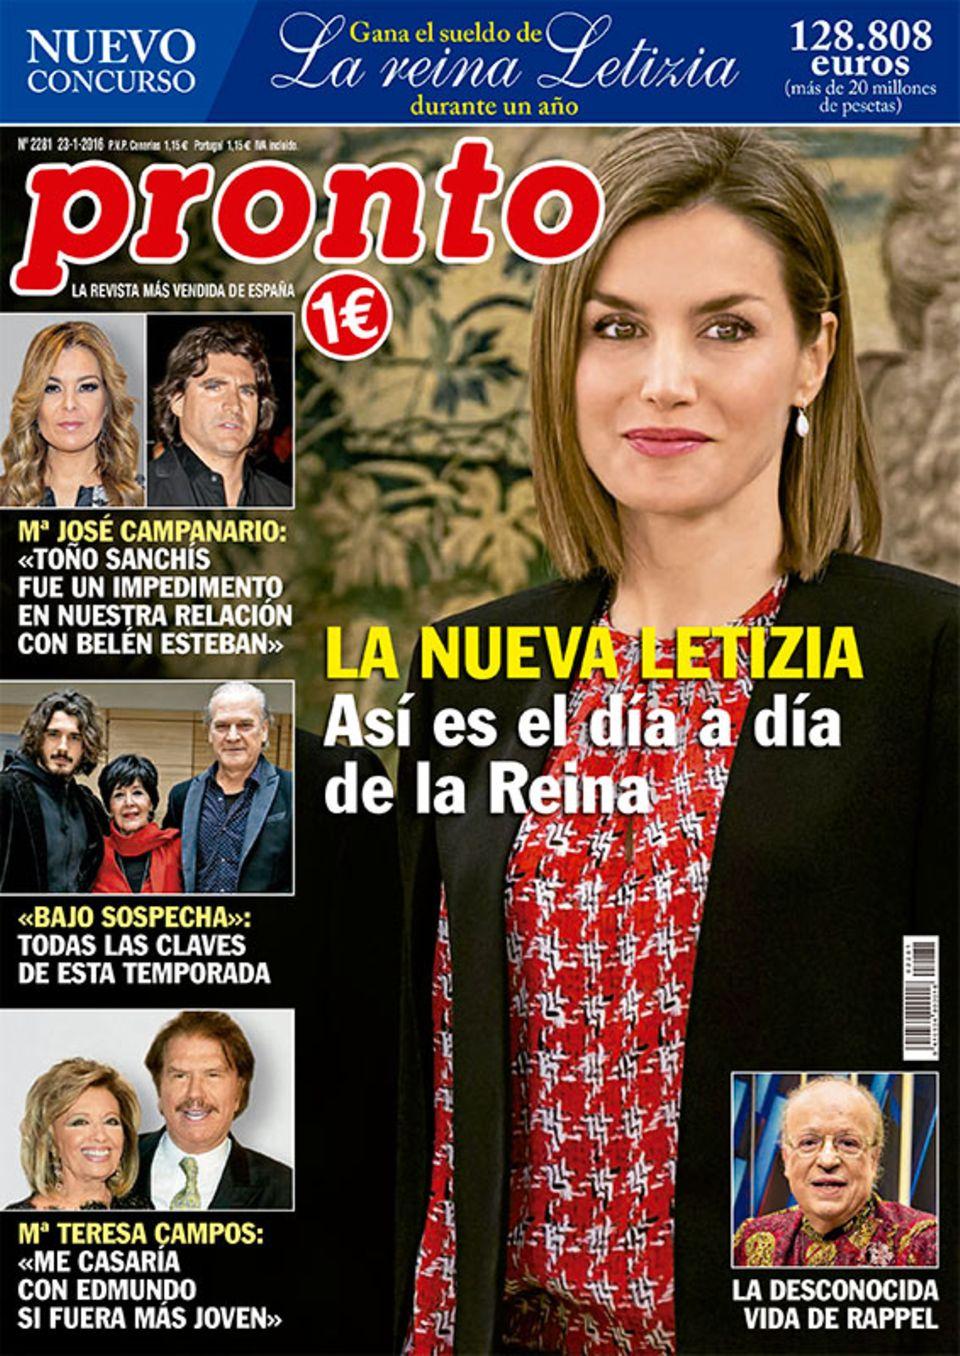 """""""Gewinne Königin Letizias Jahresgehalt"""" heißt es auf der aktuellen Ausgabe der """"Pronto""""."""